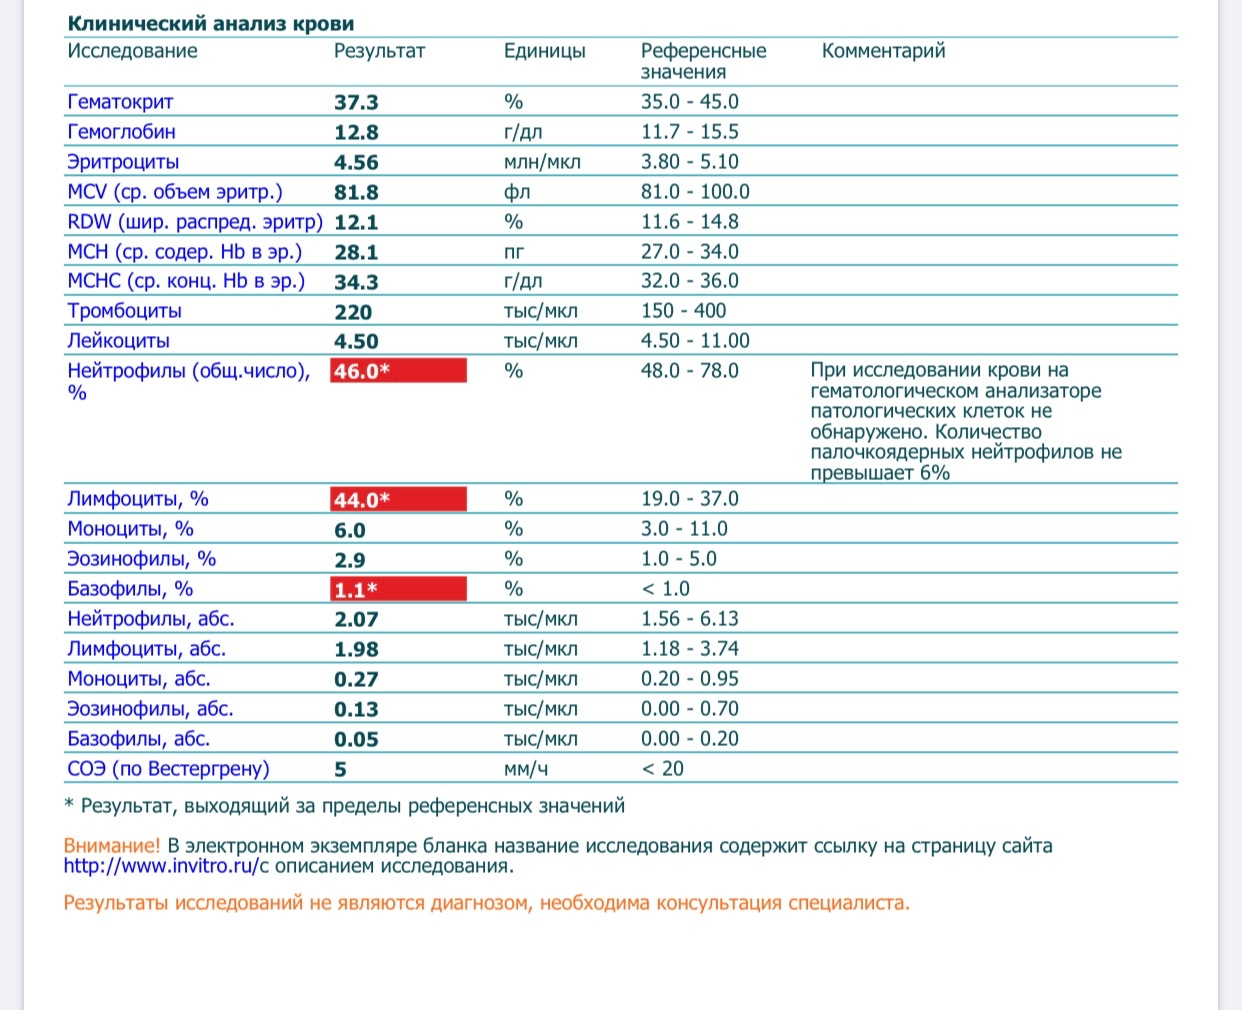 Жиры в анализе крови есть в 14 крови на анализ сахар